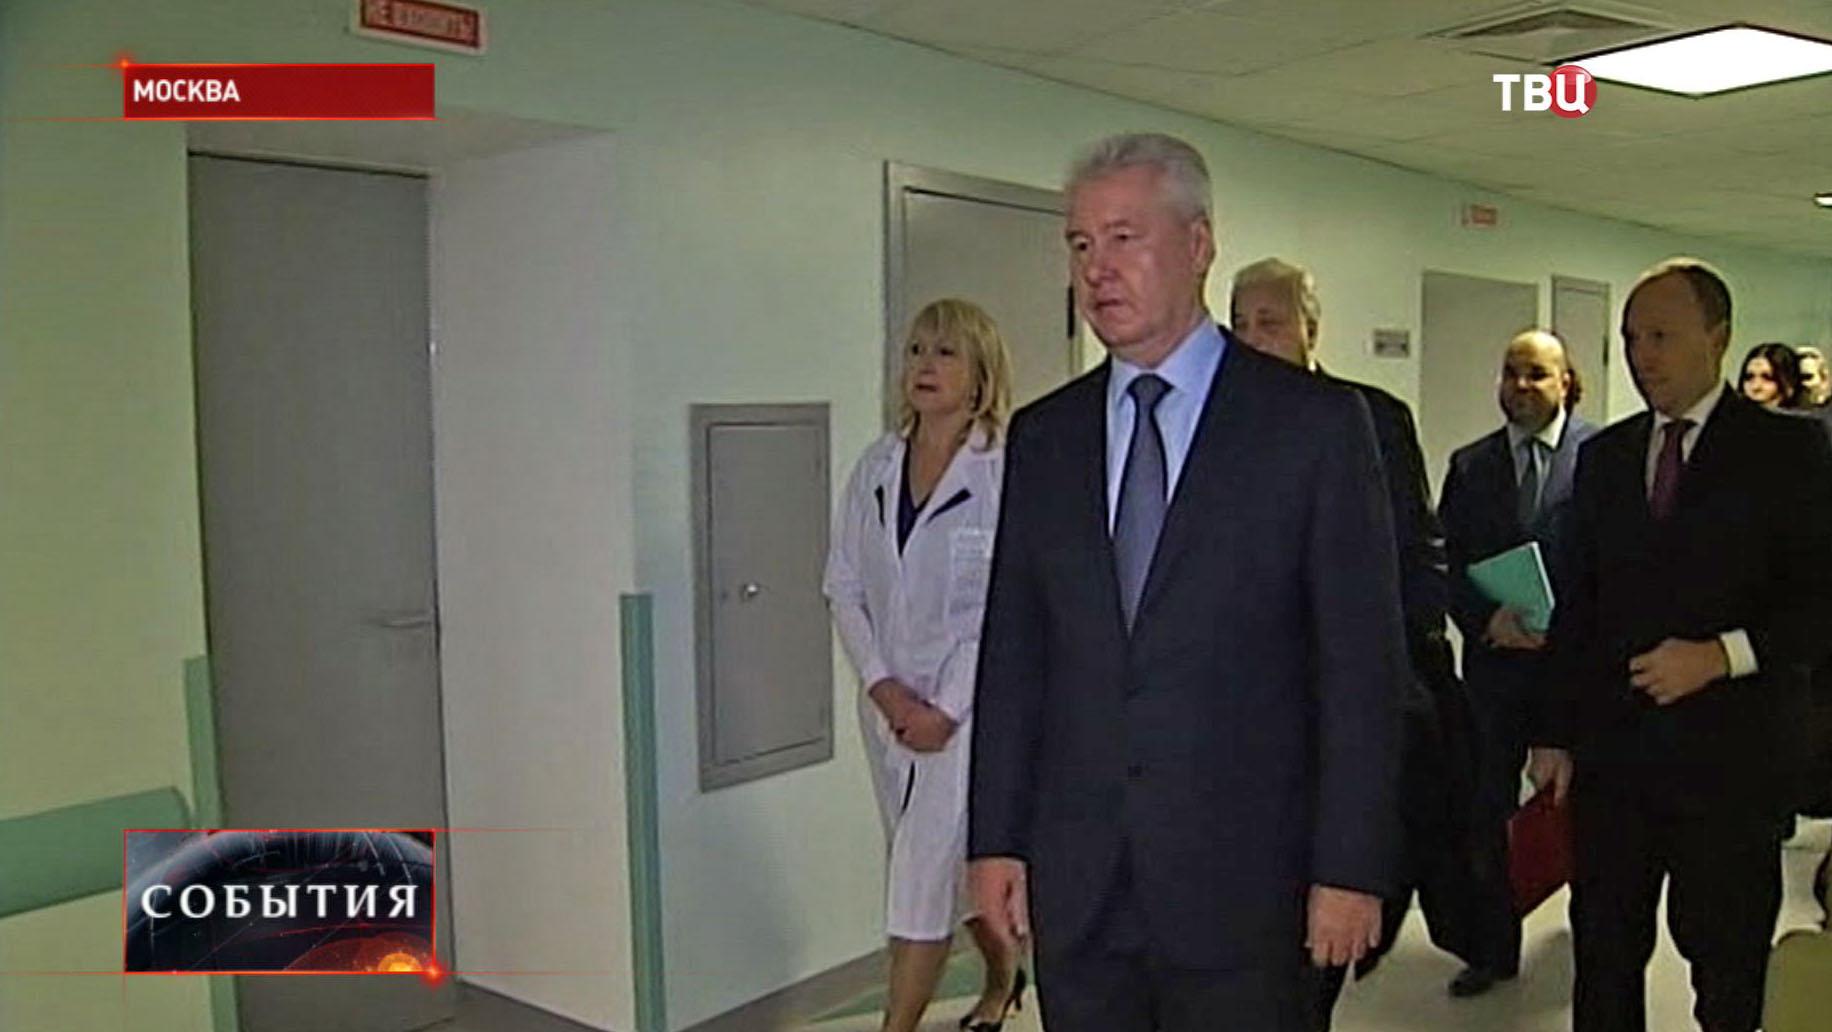 Сергей Собянин осматривает поликлинику в районе Левобережный